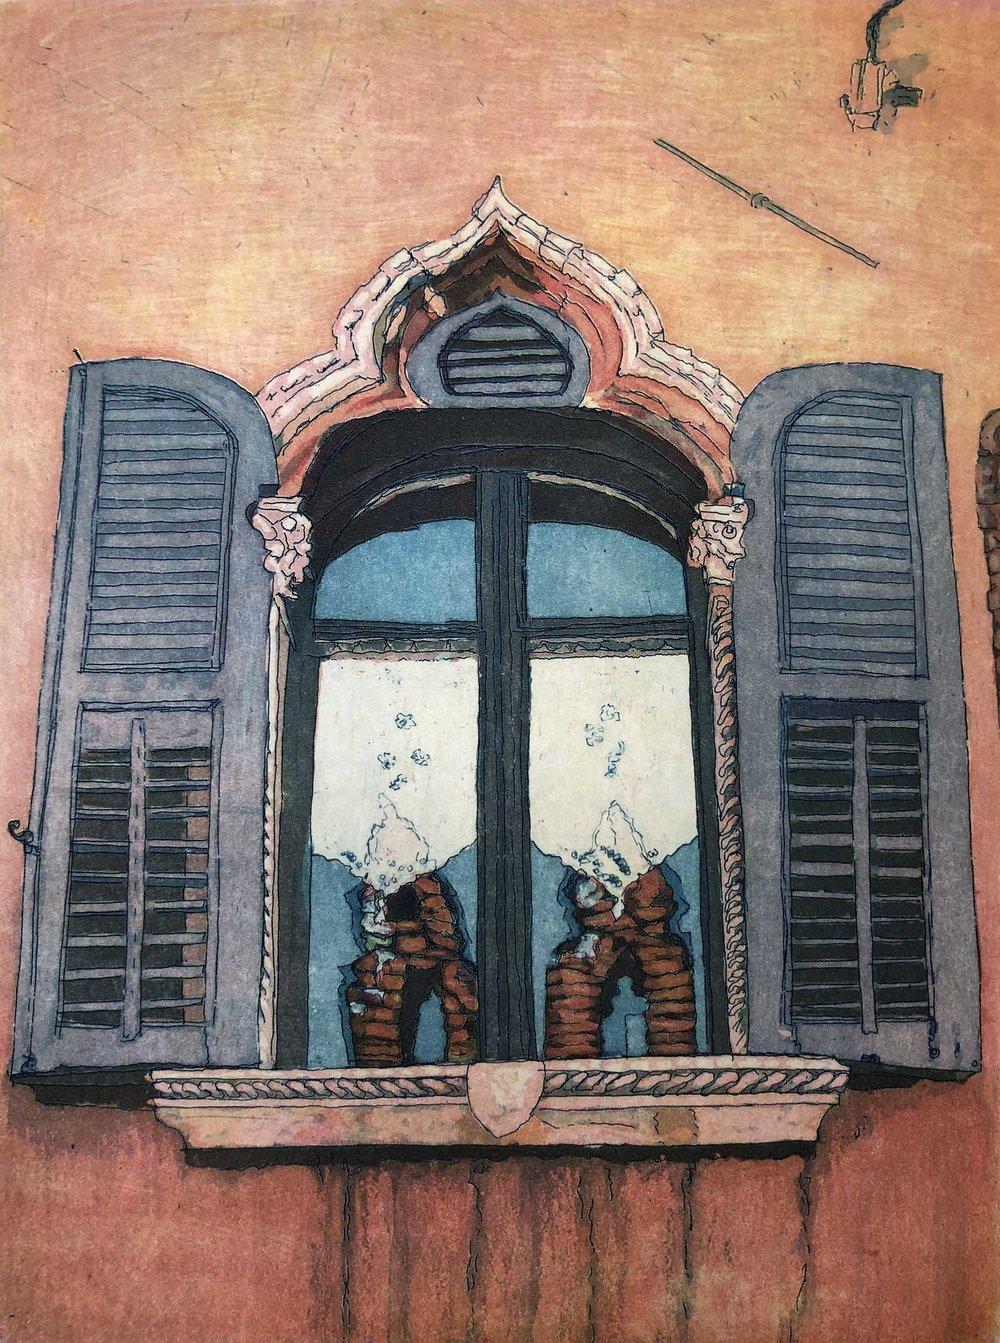 Midsummer's Dream IV: Verona (Italy)